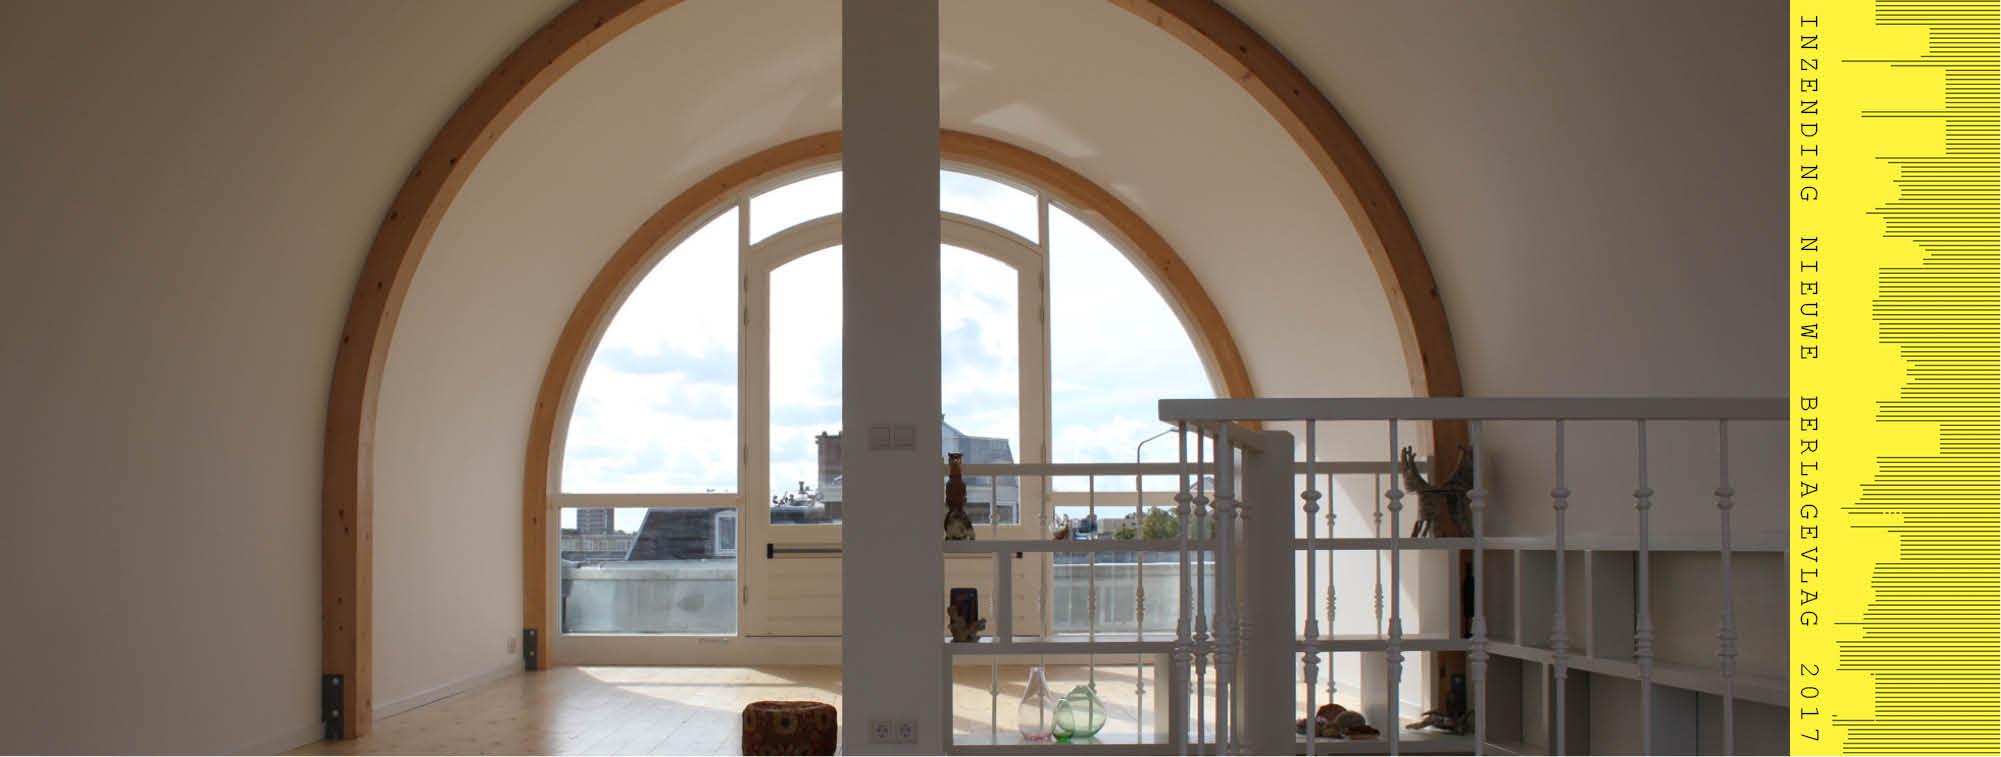 dakopbouw woning ontwerp studio seven architecten